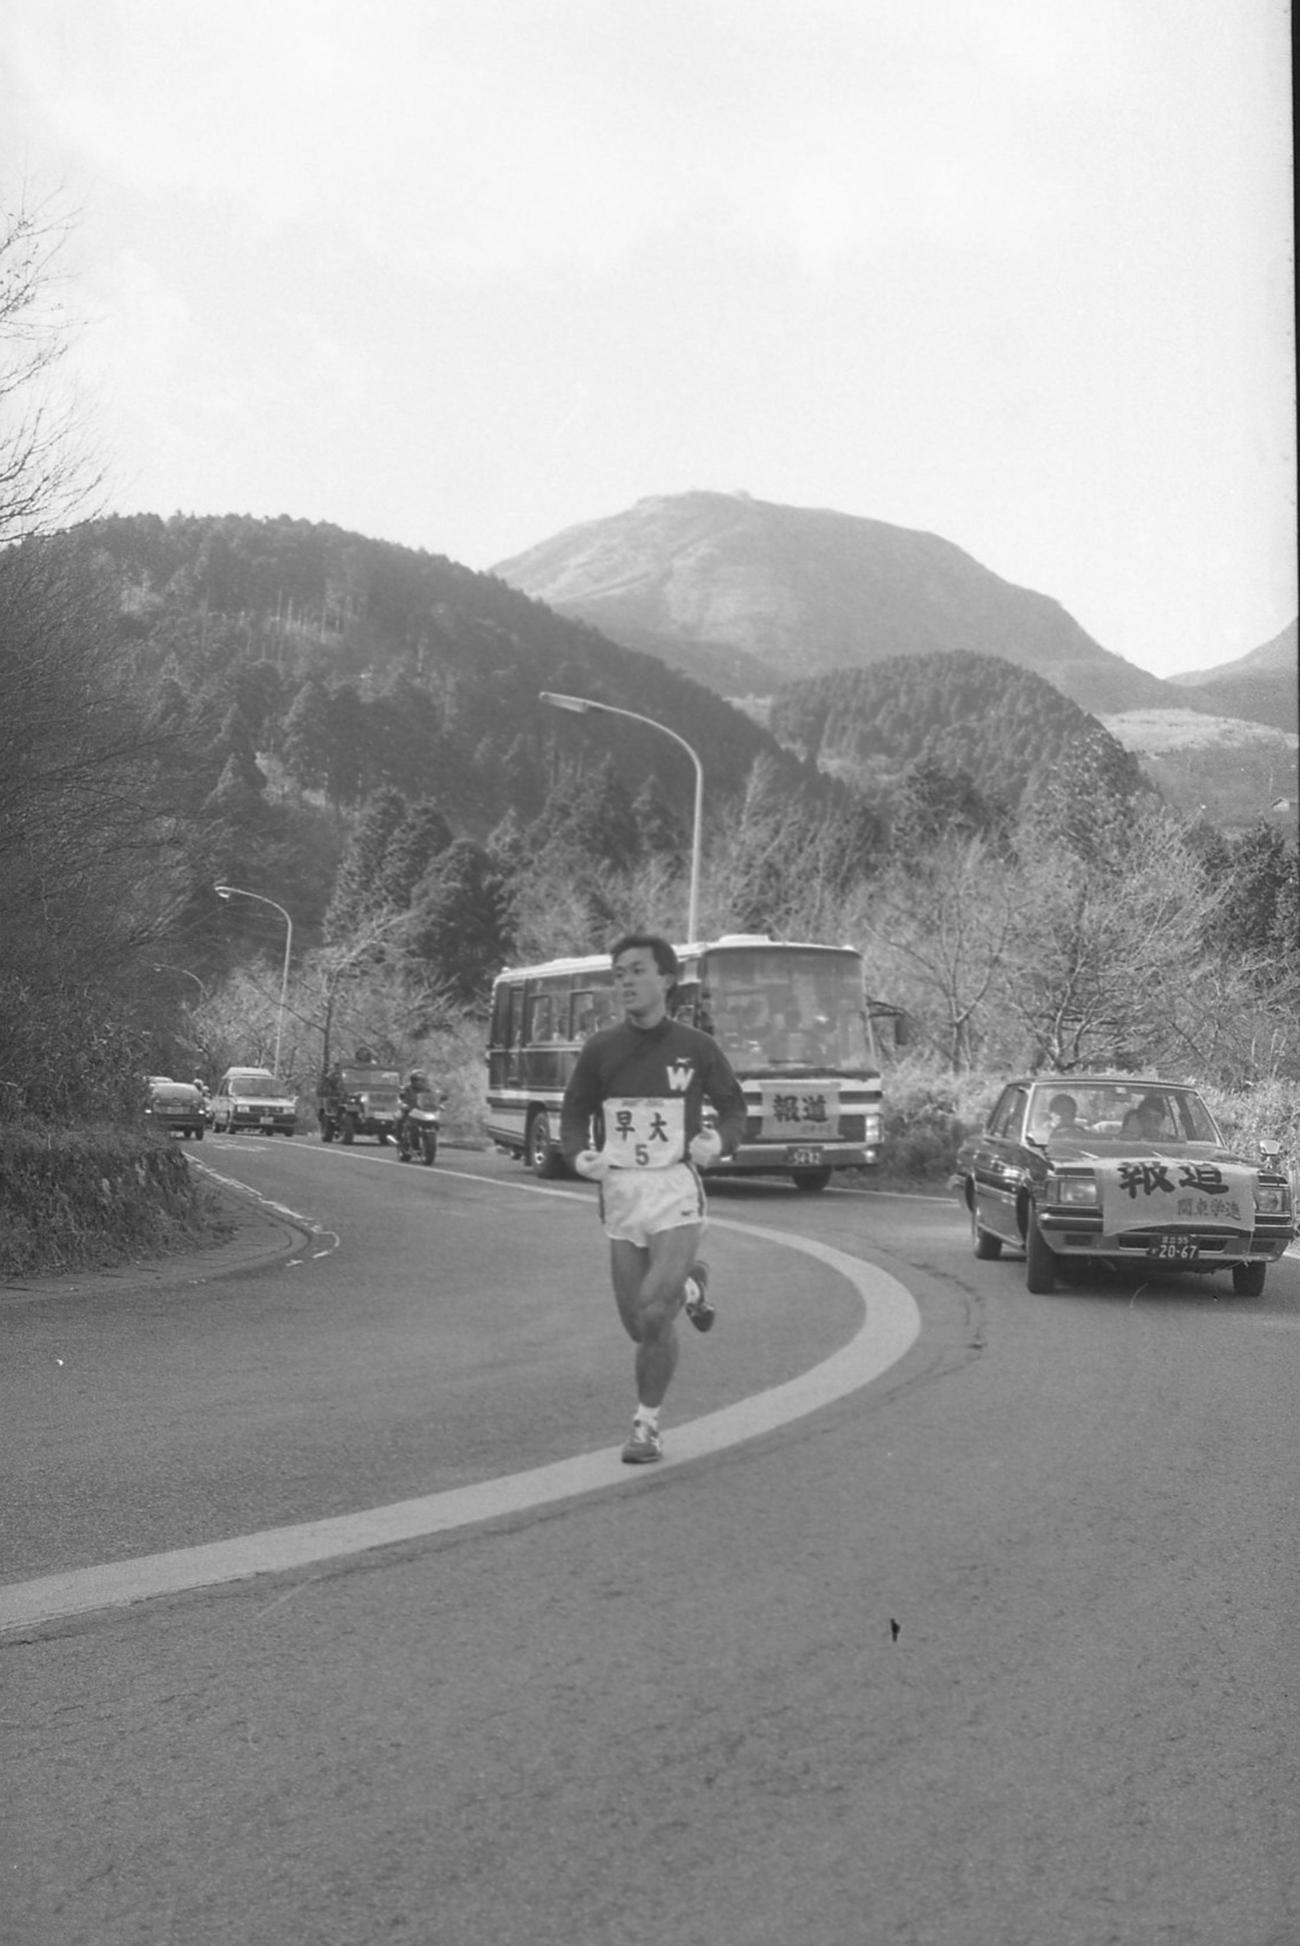 86年1月2日、第62回東京箱根間往復大学駅伝で往路5区の山登りを快走する早大・木下哲彦(当時。大学卒業時に金哲彦に改称)